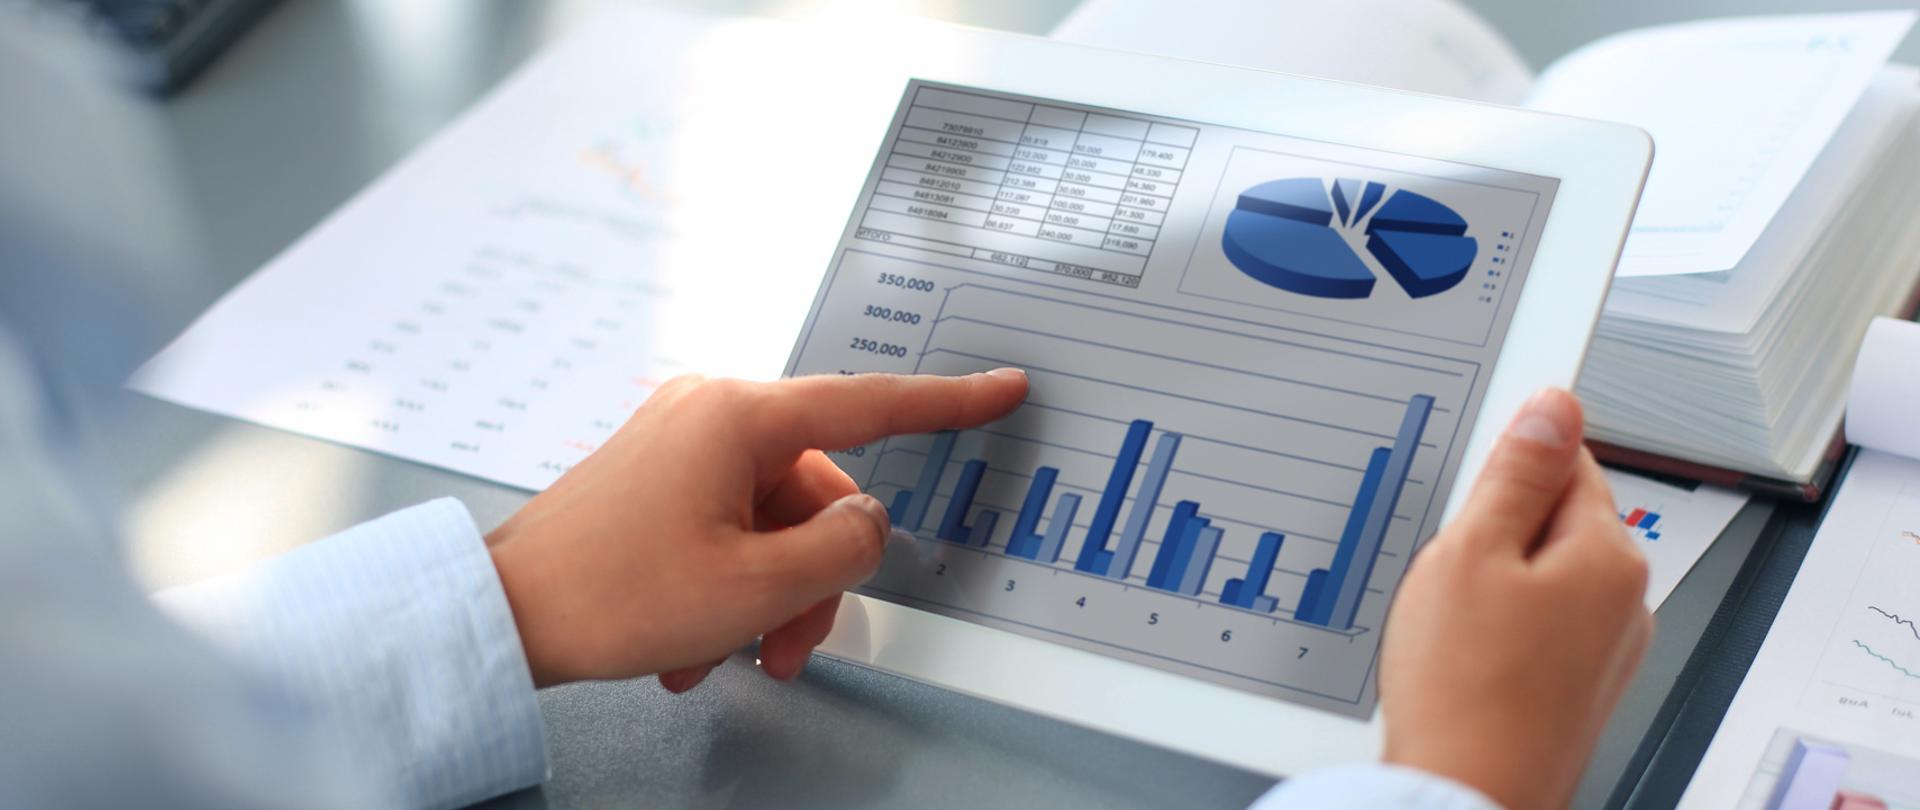 Tablet na którym widać wykresy kołowe, słupkowe i dane tabelaryczne